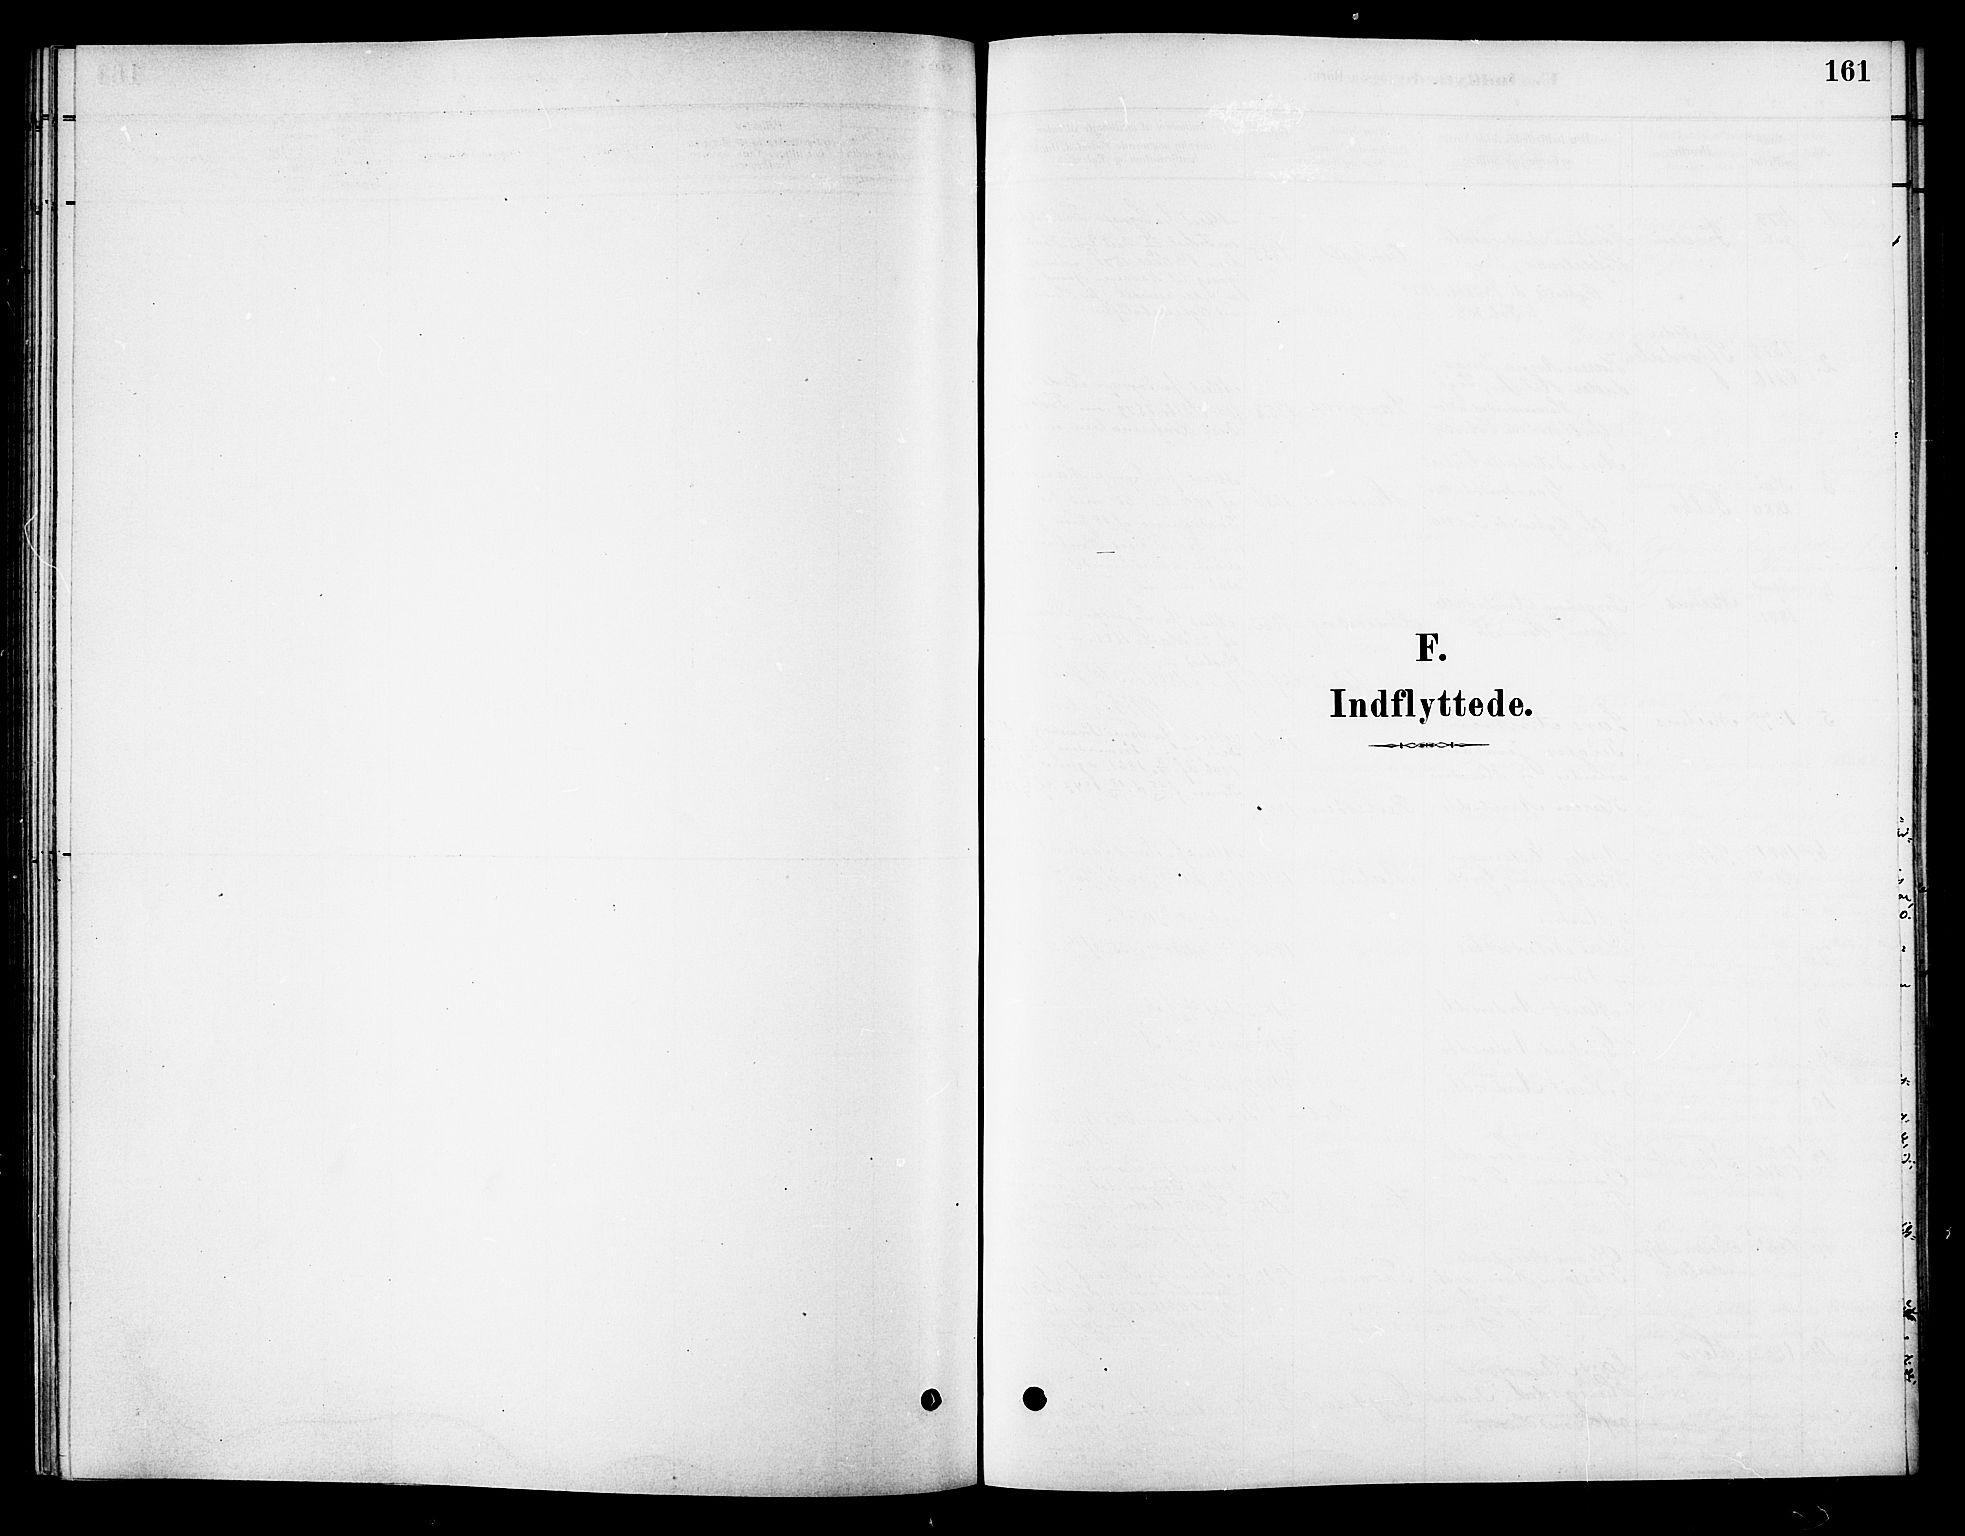 SAT, Ministerialprotokoller, klokkerbøker og fødselsregistre - Sør-Trøndelag, 688/L1024: Ministerialbok nr. 688A01, 1879-1890, s. 161